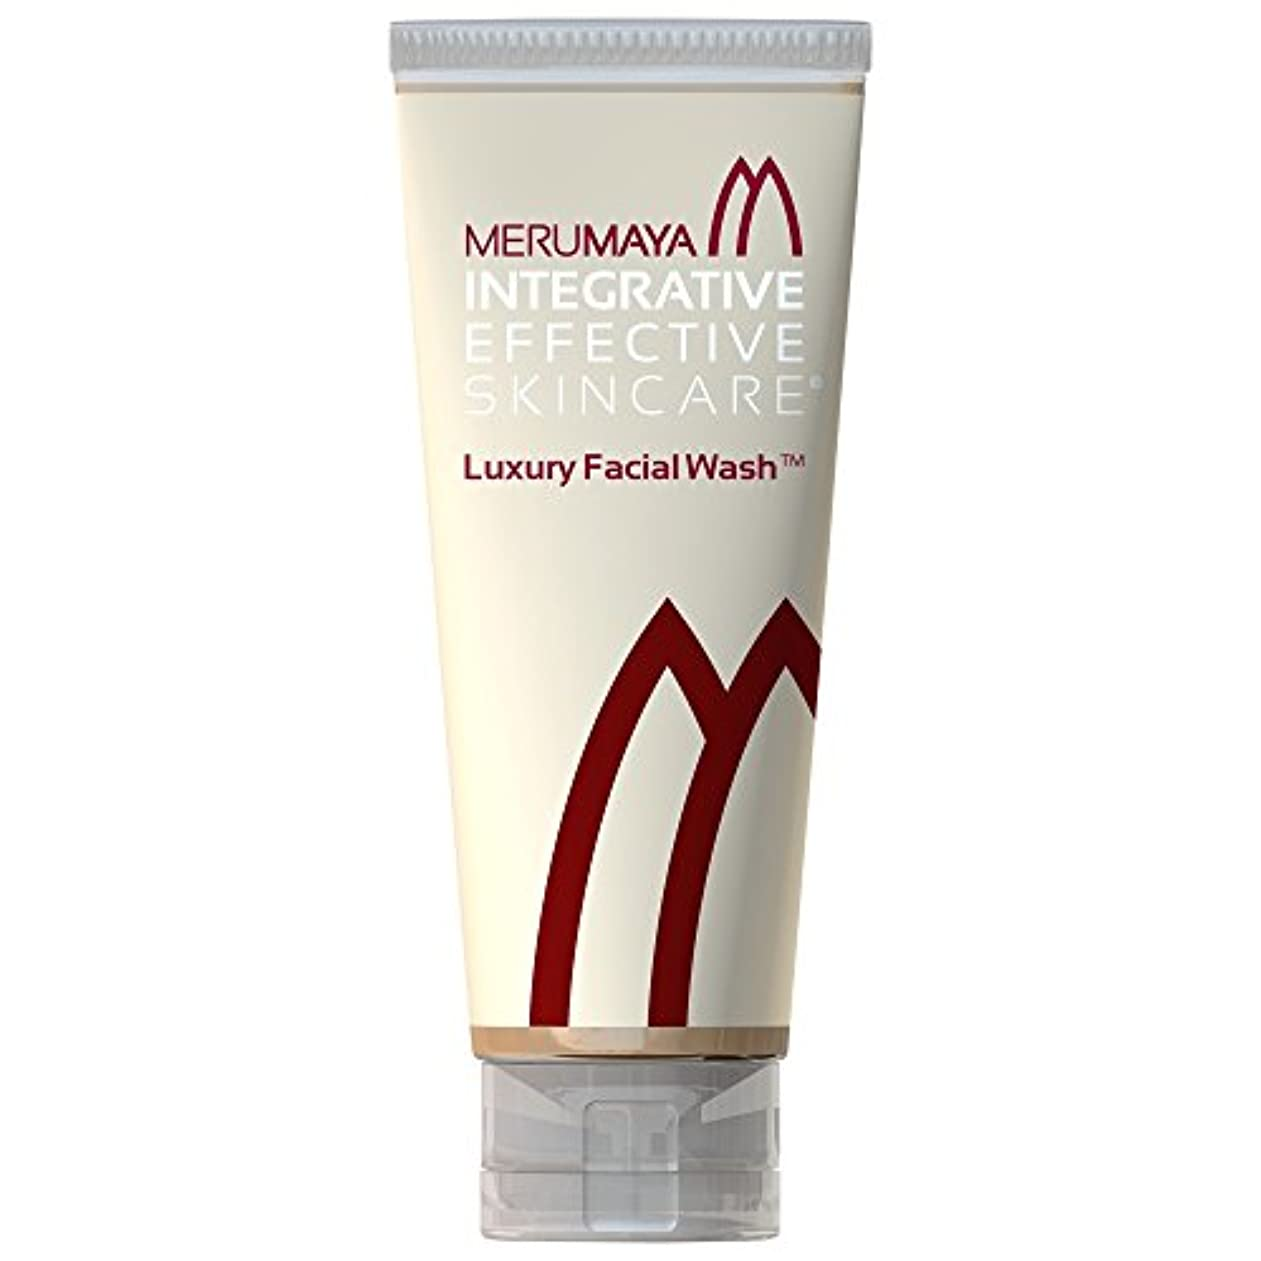 コンテンポラリー稼ぐ多数のMerumaya高級洗顔?、100ミリリットル (Merumaya) - MERUMAYA Luxury Facial Wash?, 100ml [並行輸入品]